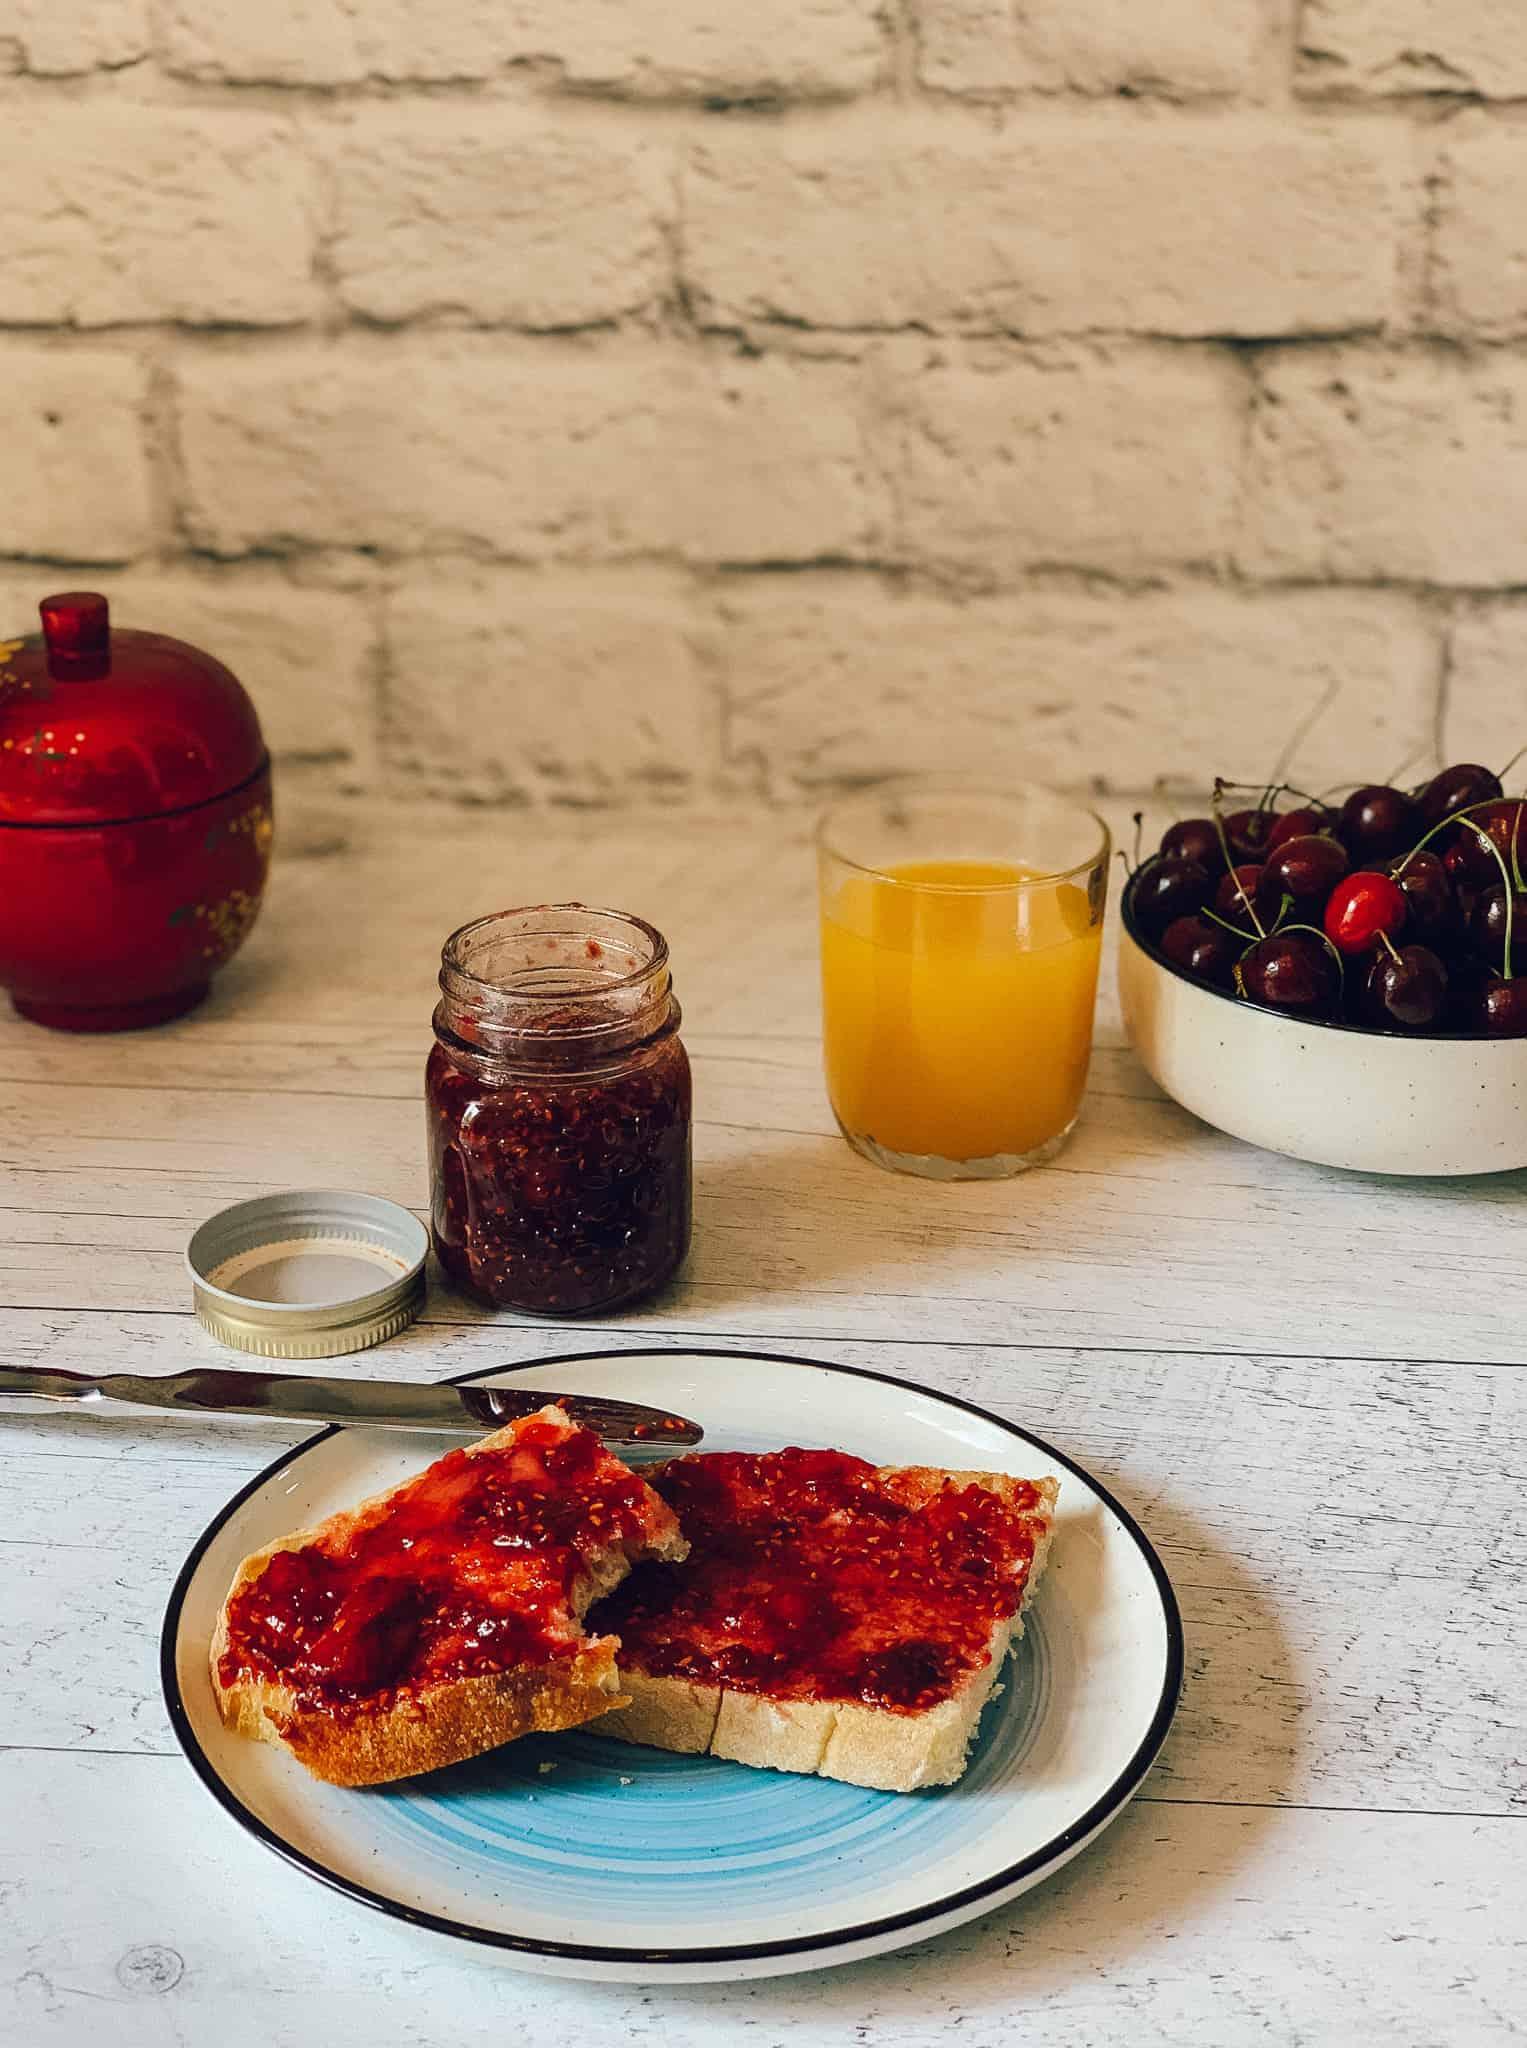 Recette de confiture de fraises, framboises et érable